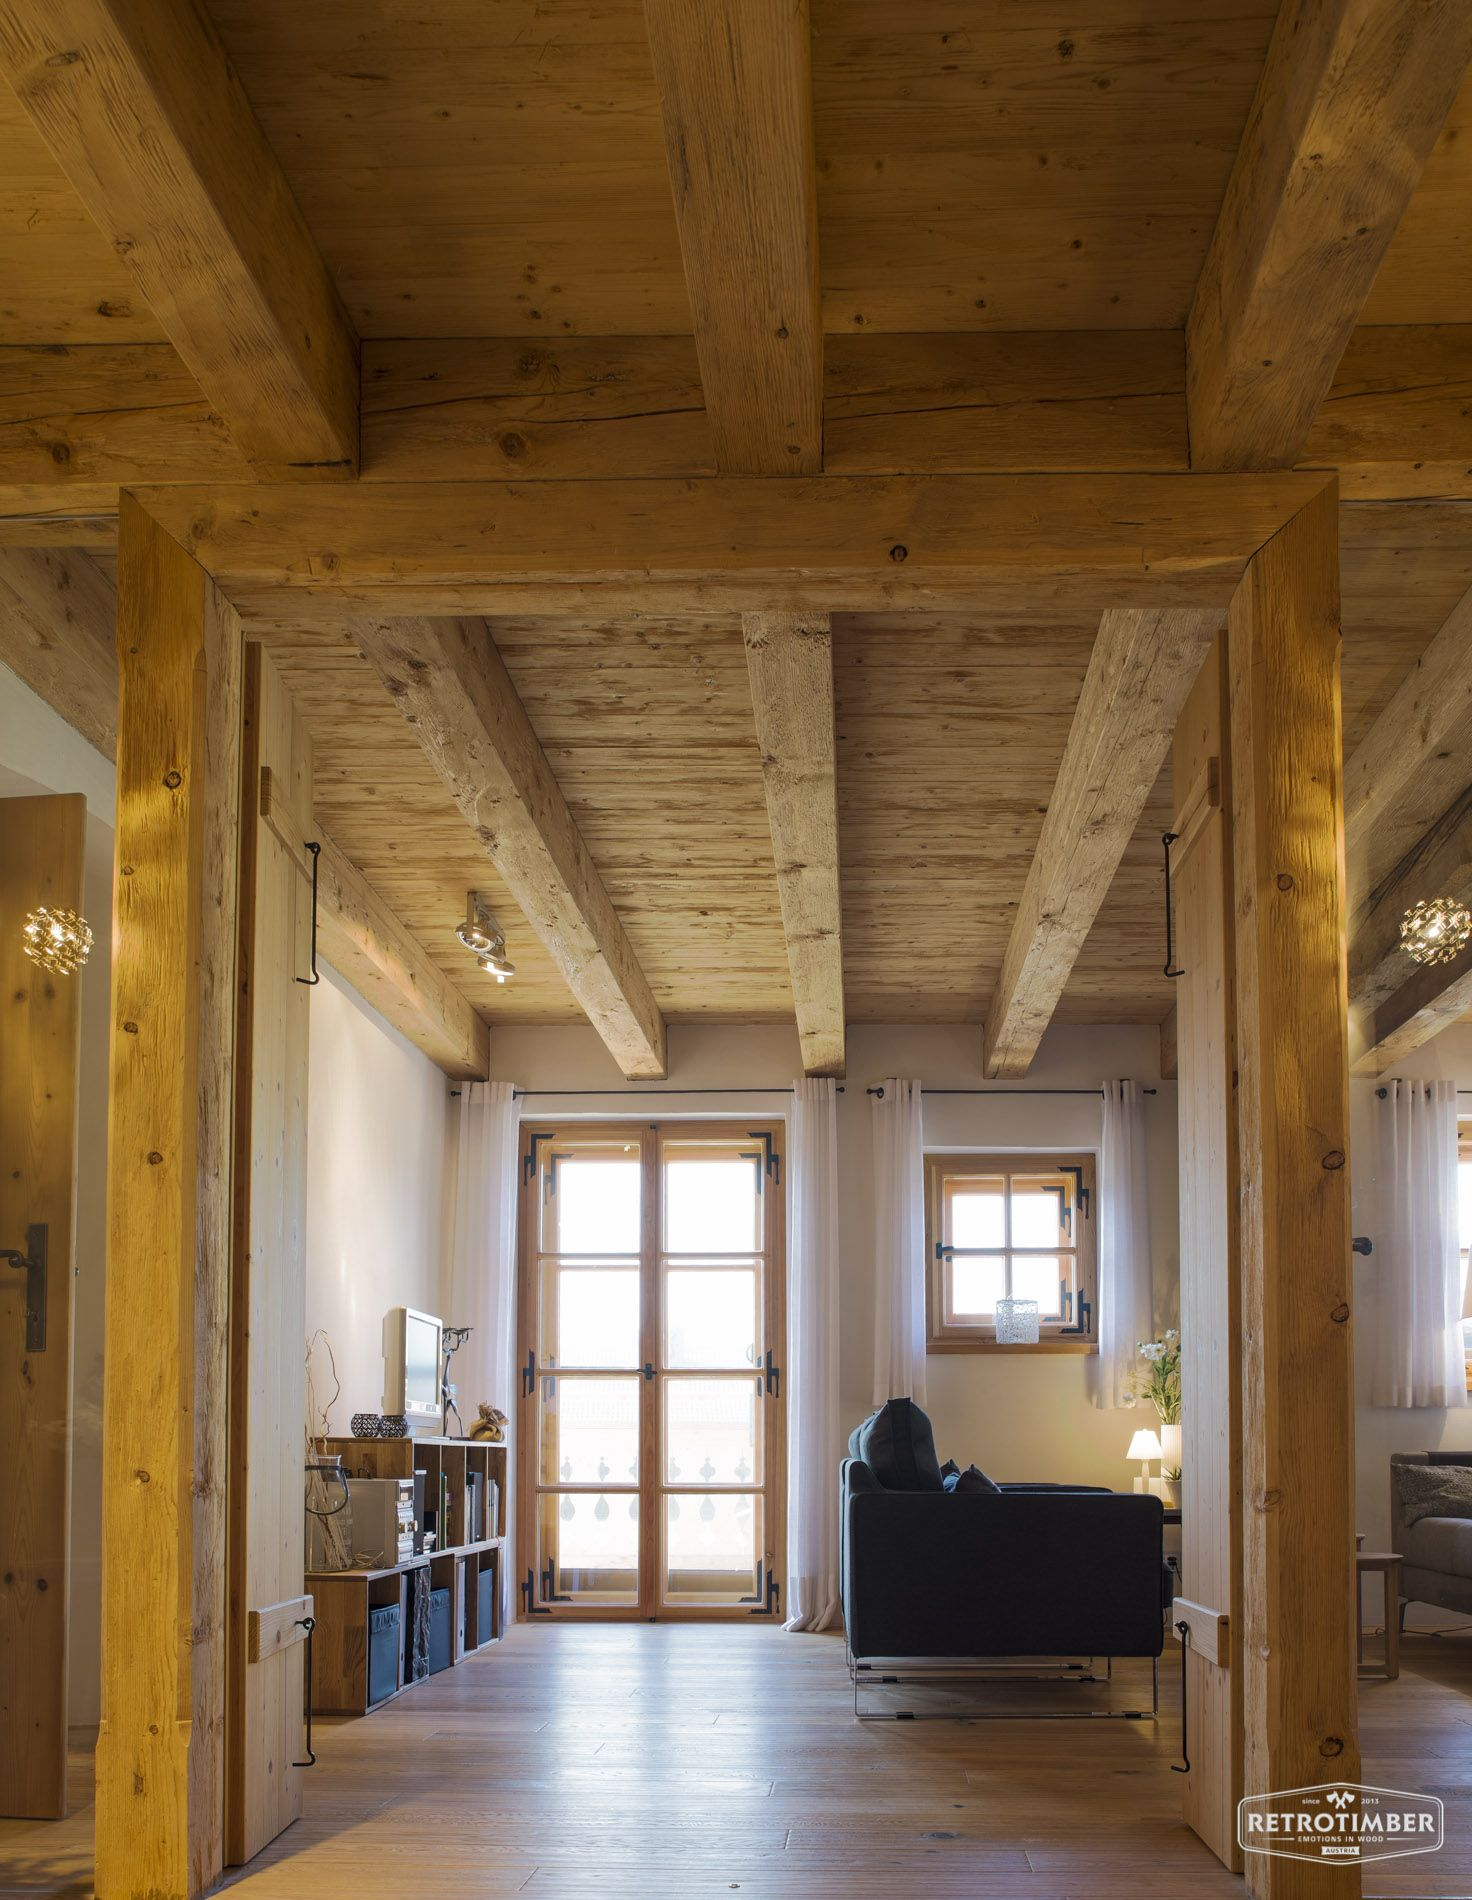 retrotimber altholz balken hausbau bau fichte l rche landhausstil wohnzimmer ideen. Black Bedroom Furniture Sets. Home Design Ideas